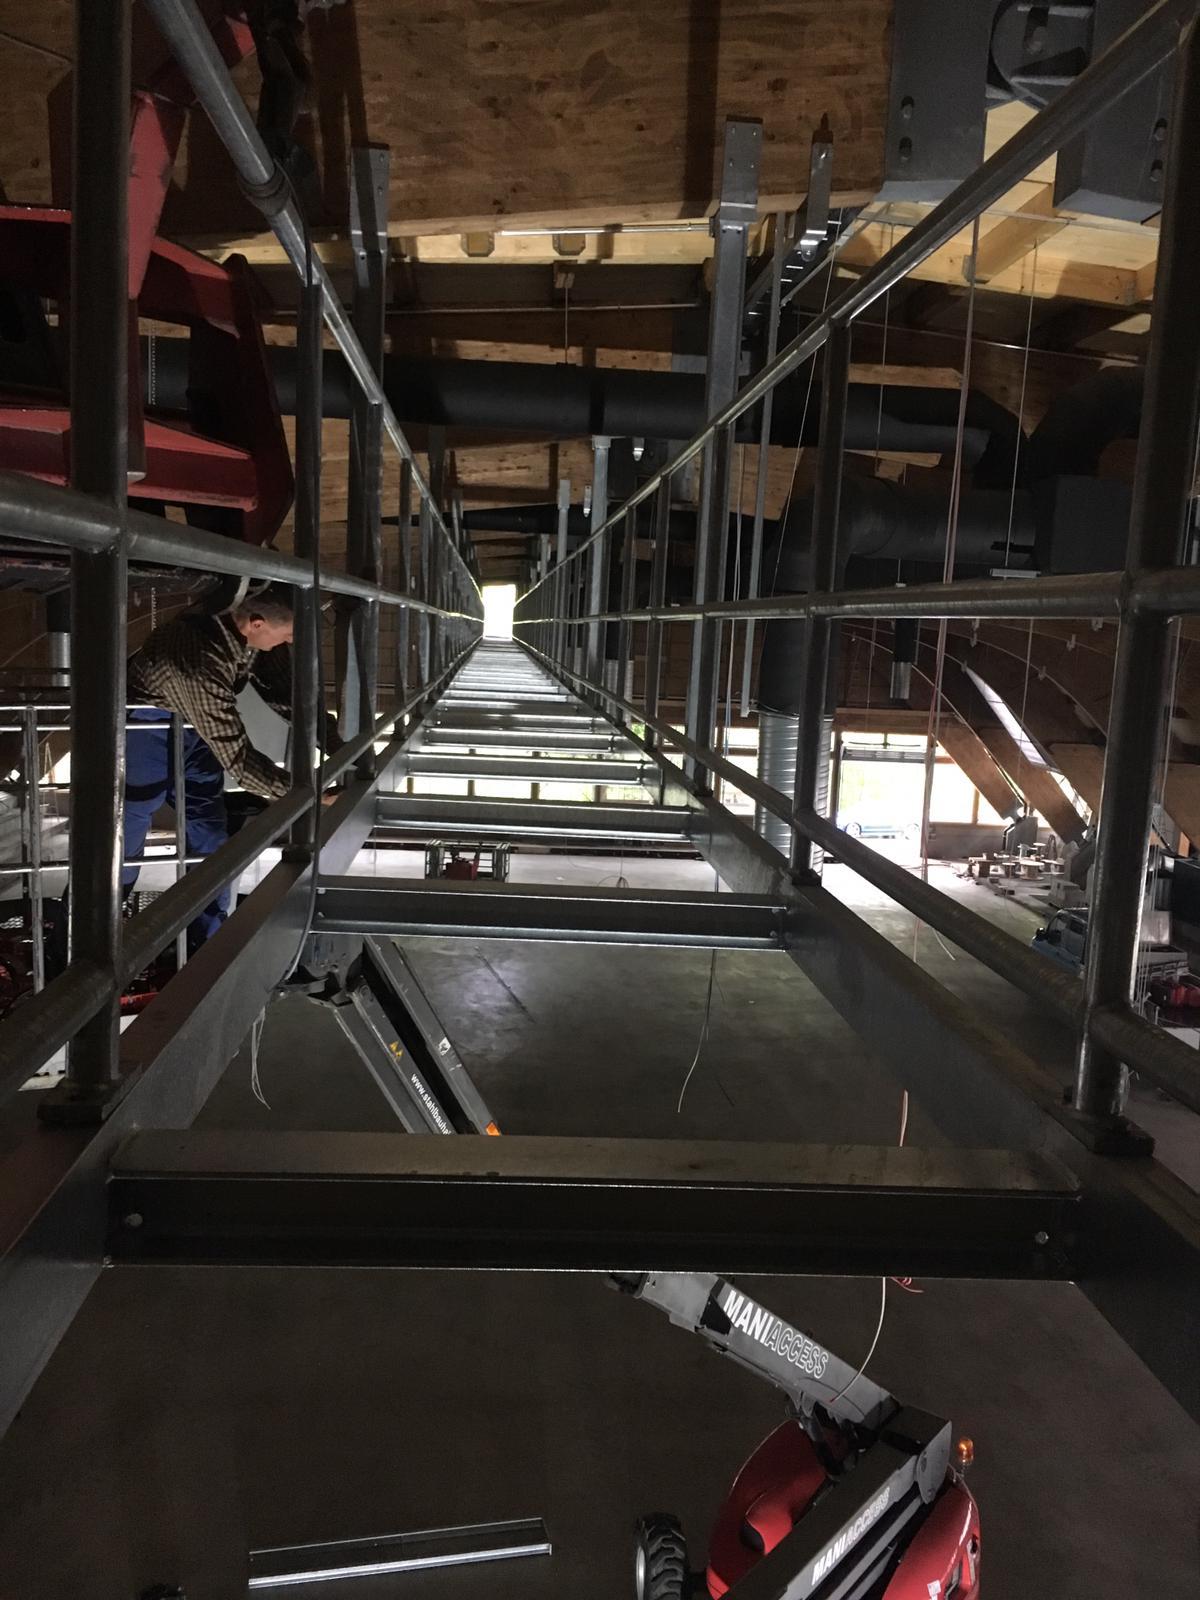 Umbau der Eislaufhalle in Baiersbronn mit einem Stahllaufsteg in 8 Metern Höhe